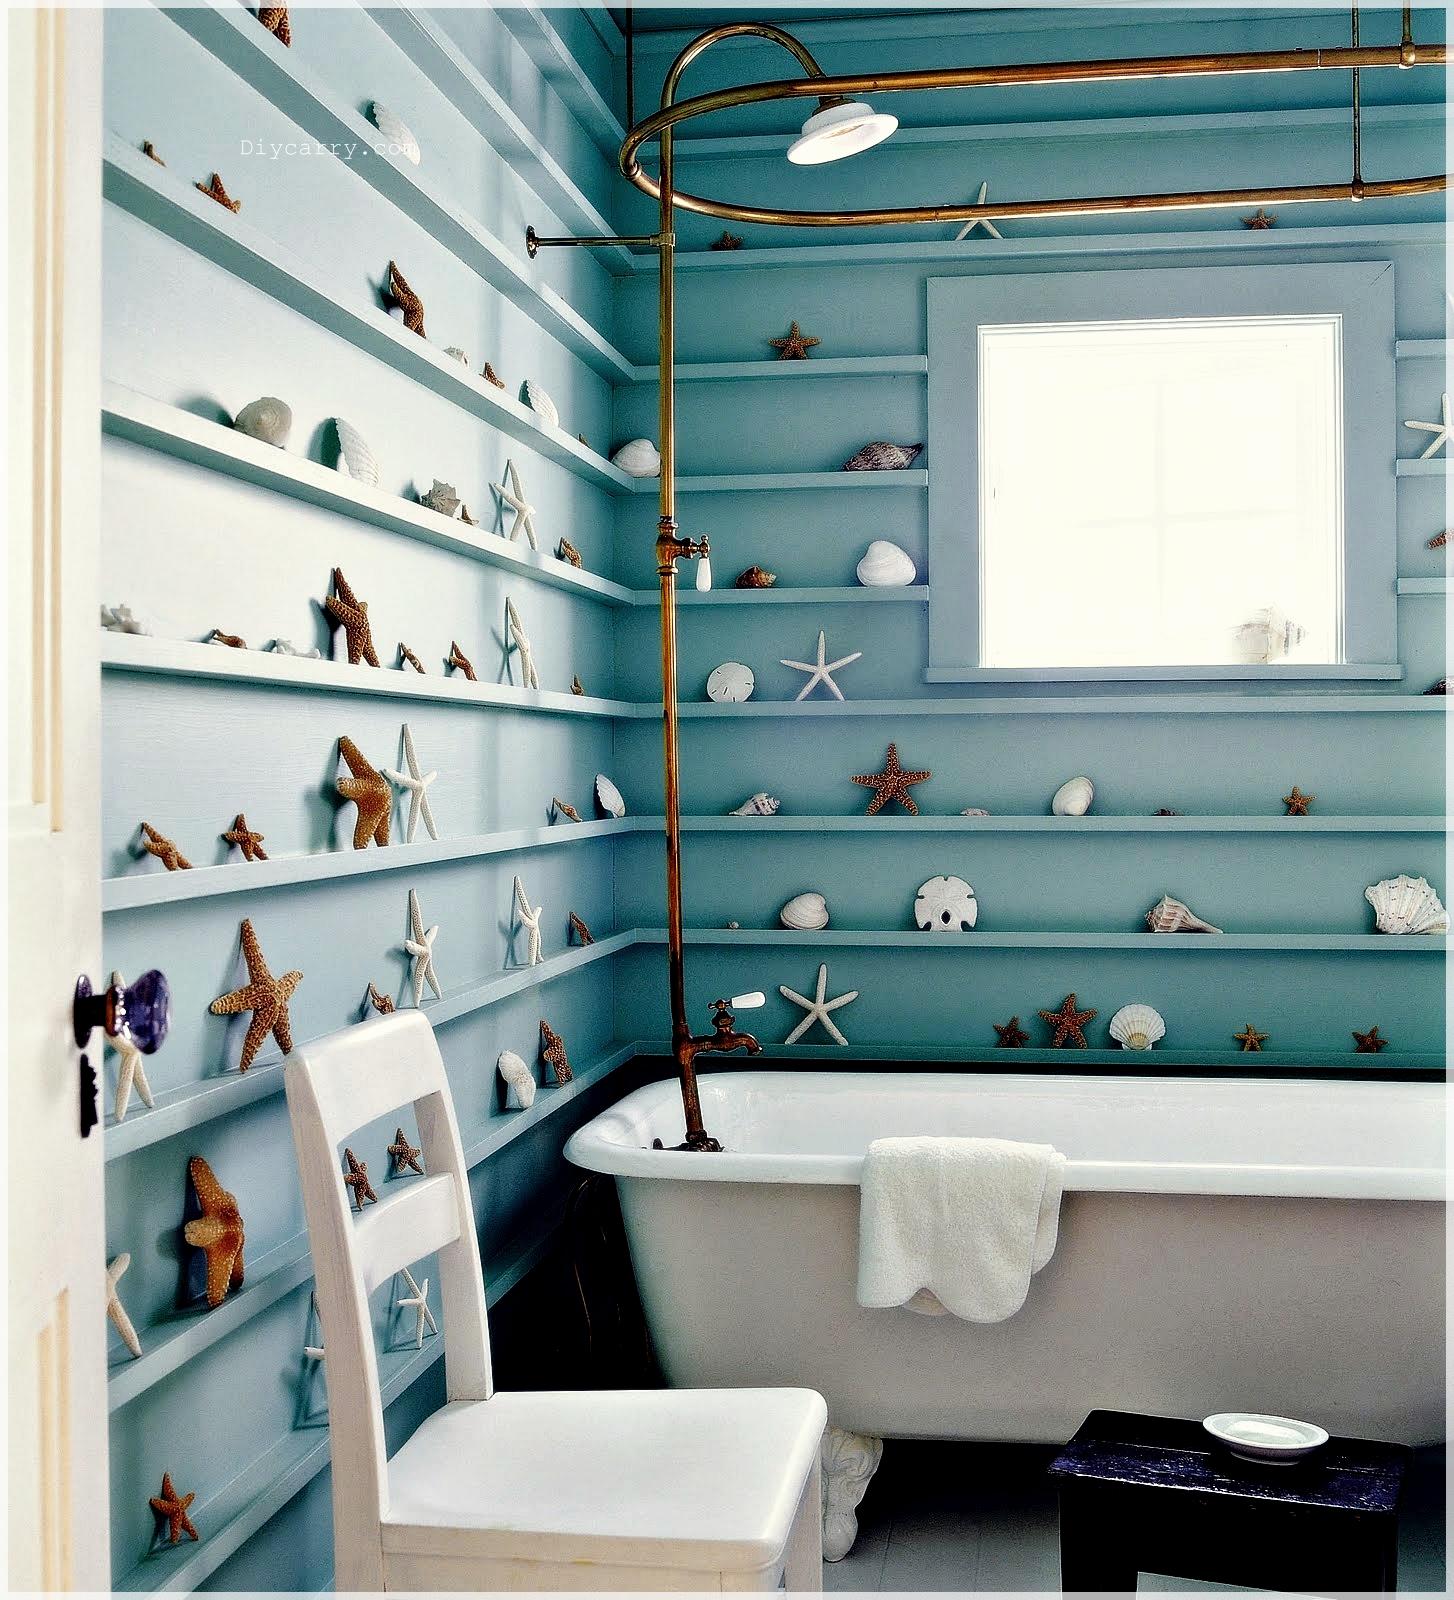 ocean-bathroom-decor-with-beach-bathroom-designs-beach-bathroom-designs-beach-bathroom-designs